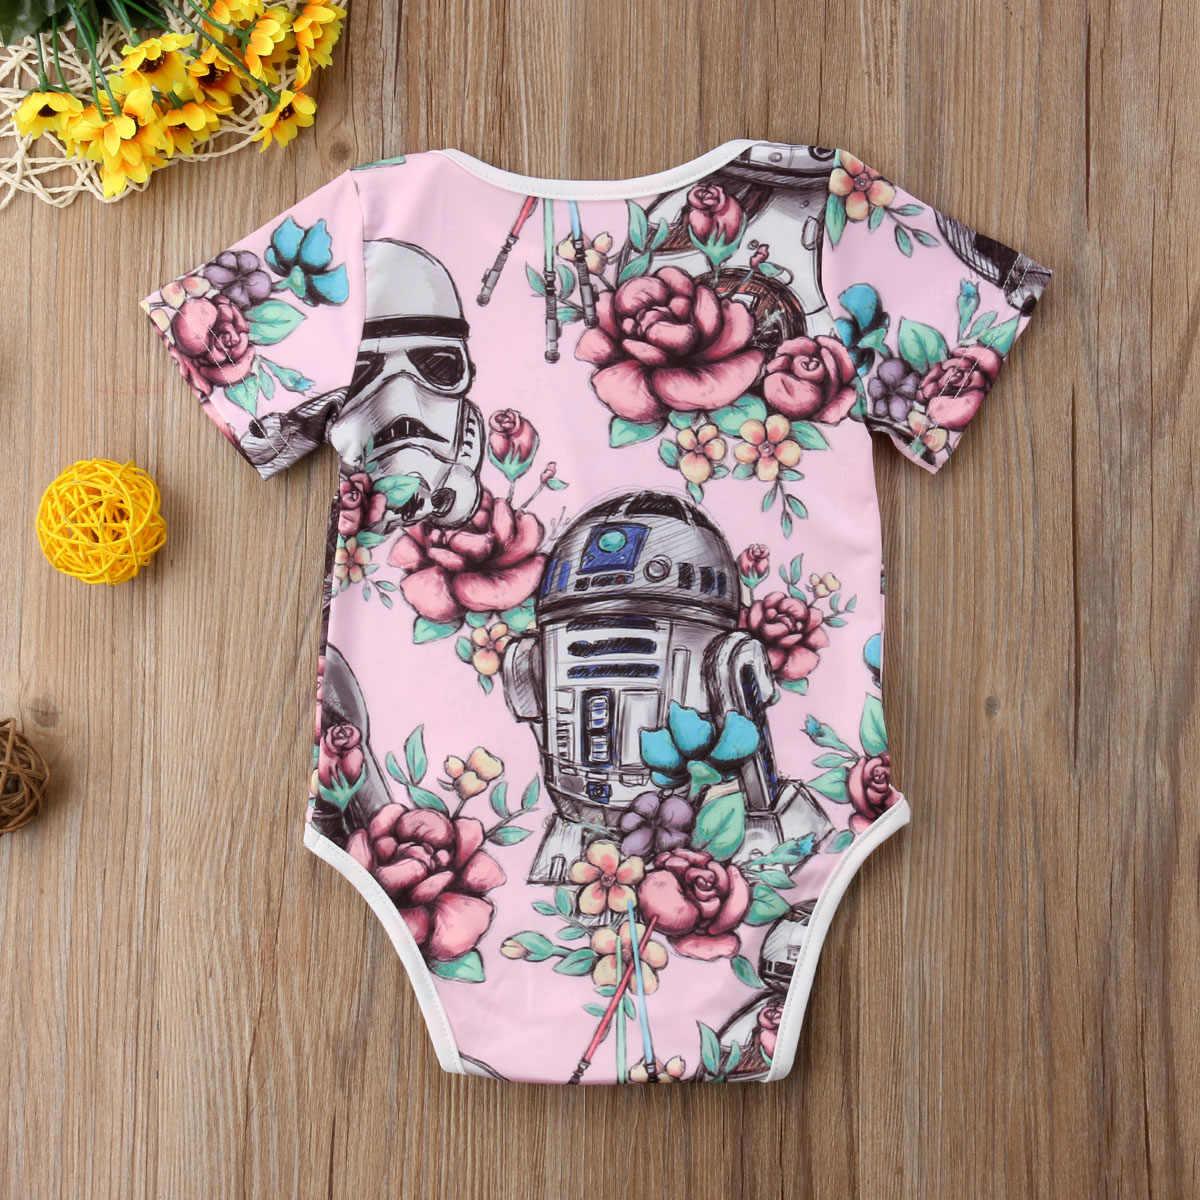 Nouveau nouveau-né enfant en bas âge bébé fille à manches courtes barboteuse combinaison Sunsuit tenue florale combishort vêtements décontractés